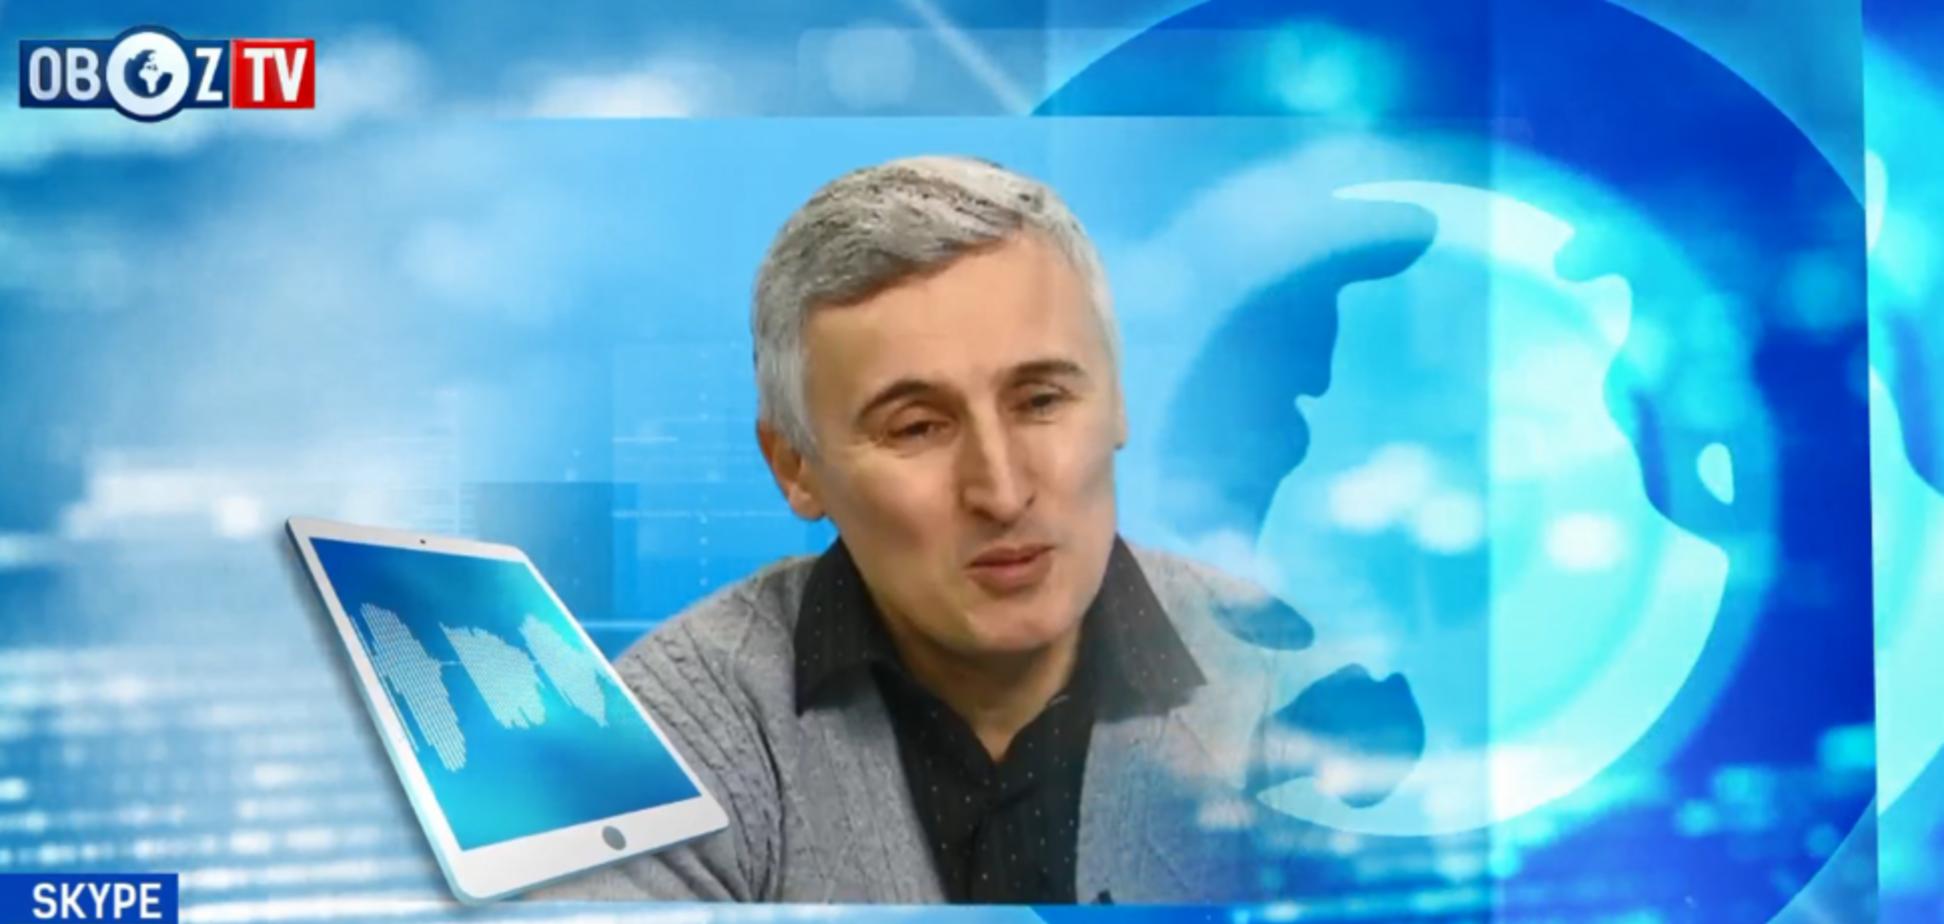 Погода меняется: синоптик рассказал, что ждет украинцев